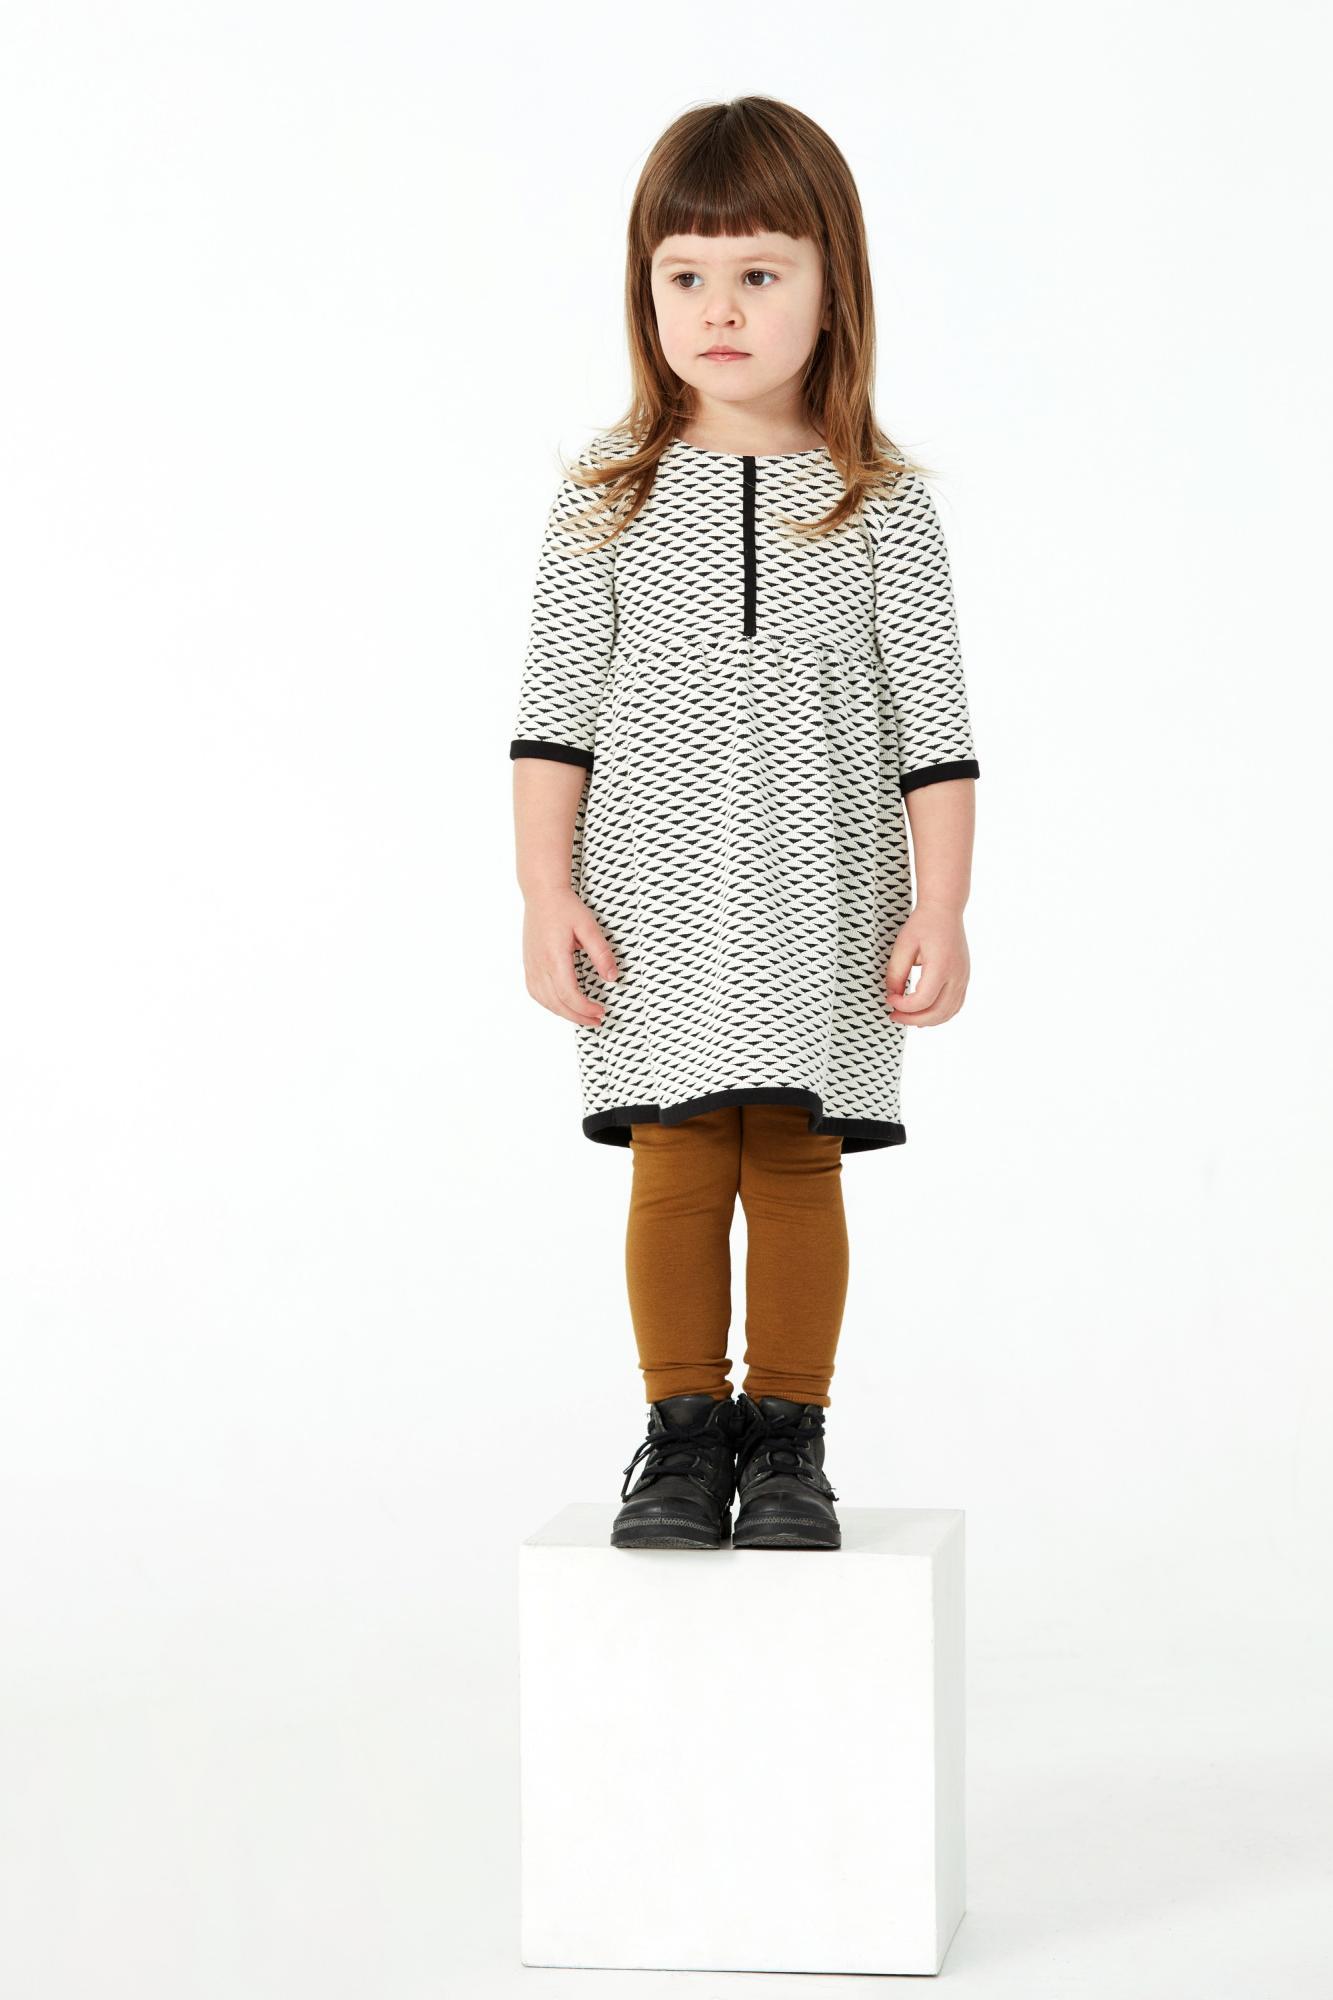 La nouvelle collection de Cokluch Mini est sortie et c'est trop mignon!